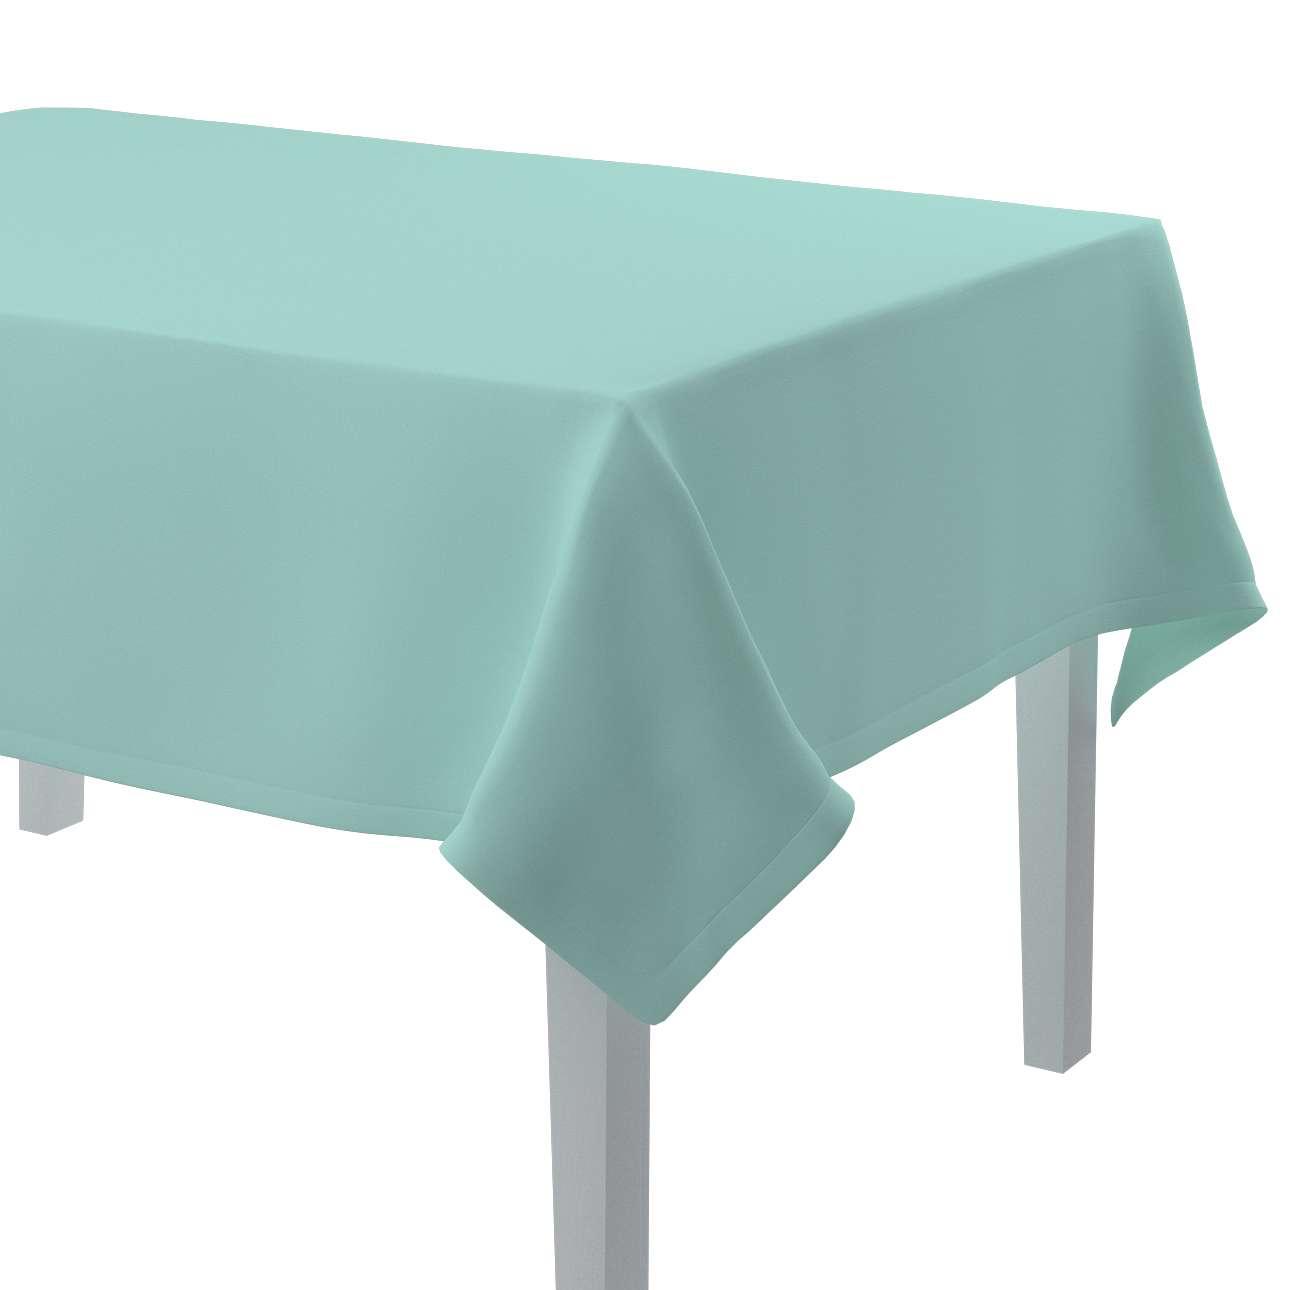 Rechteckige Tischdecke von der Kollektion Loneta, Stoff: 133-32